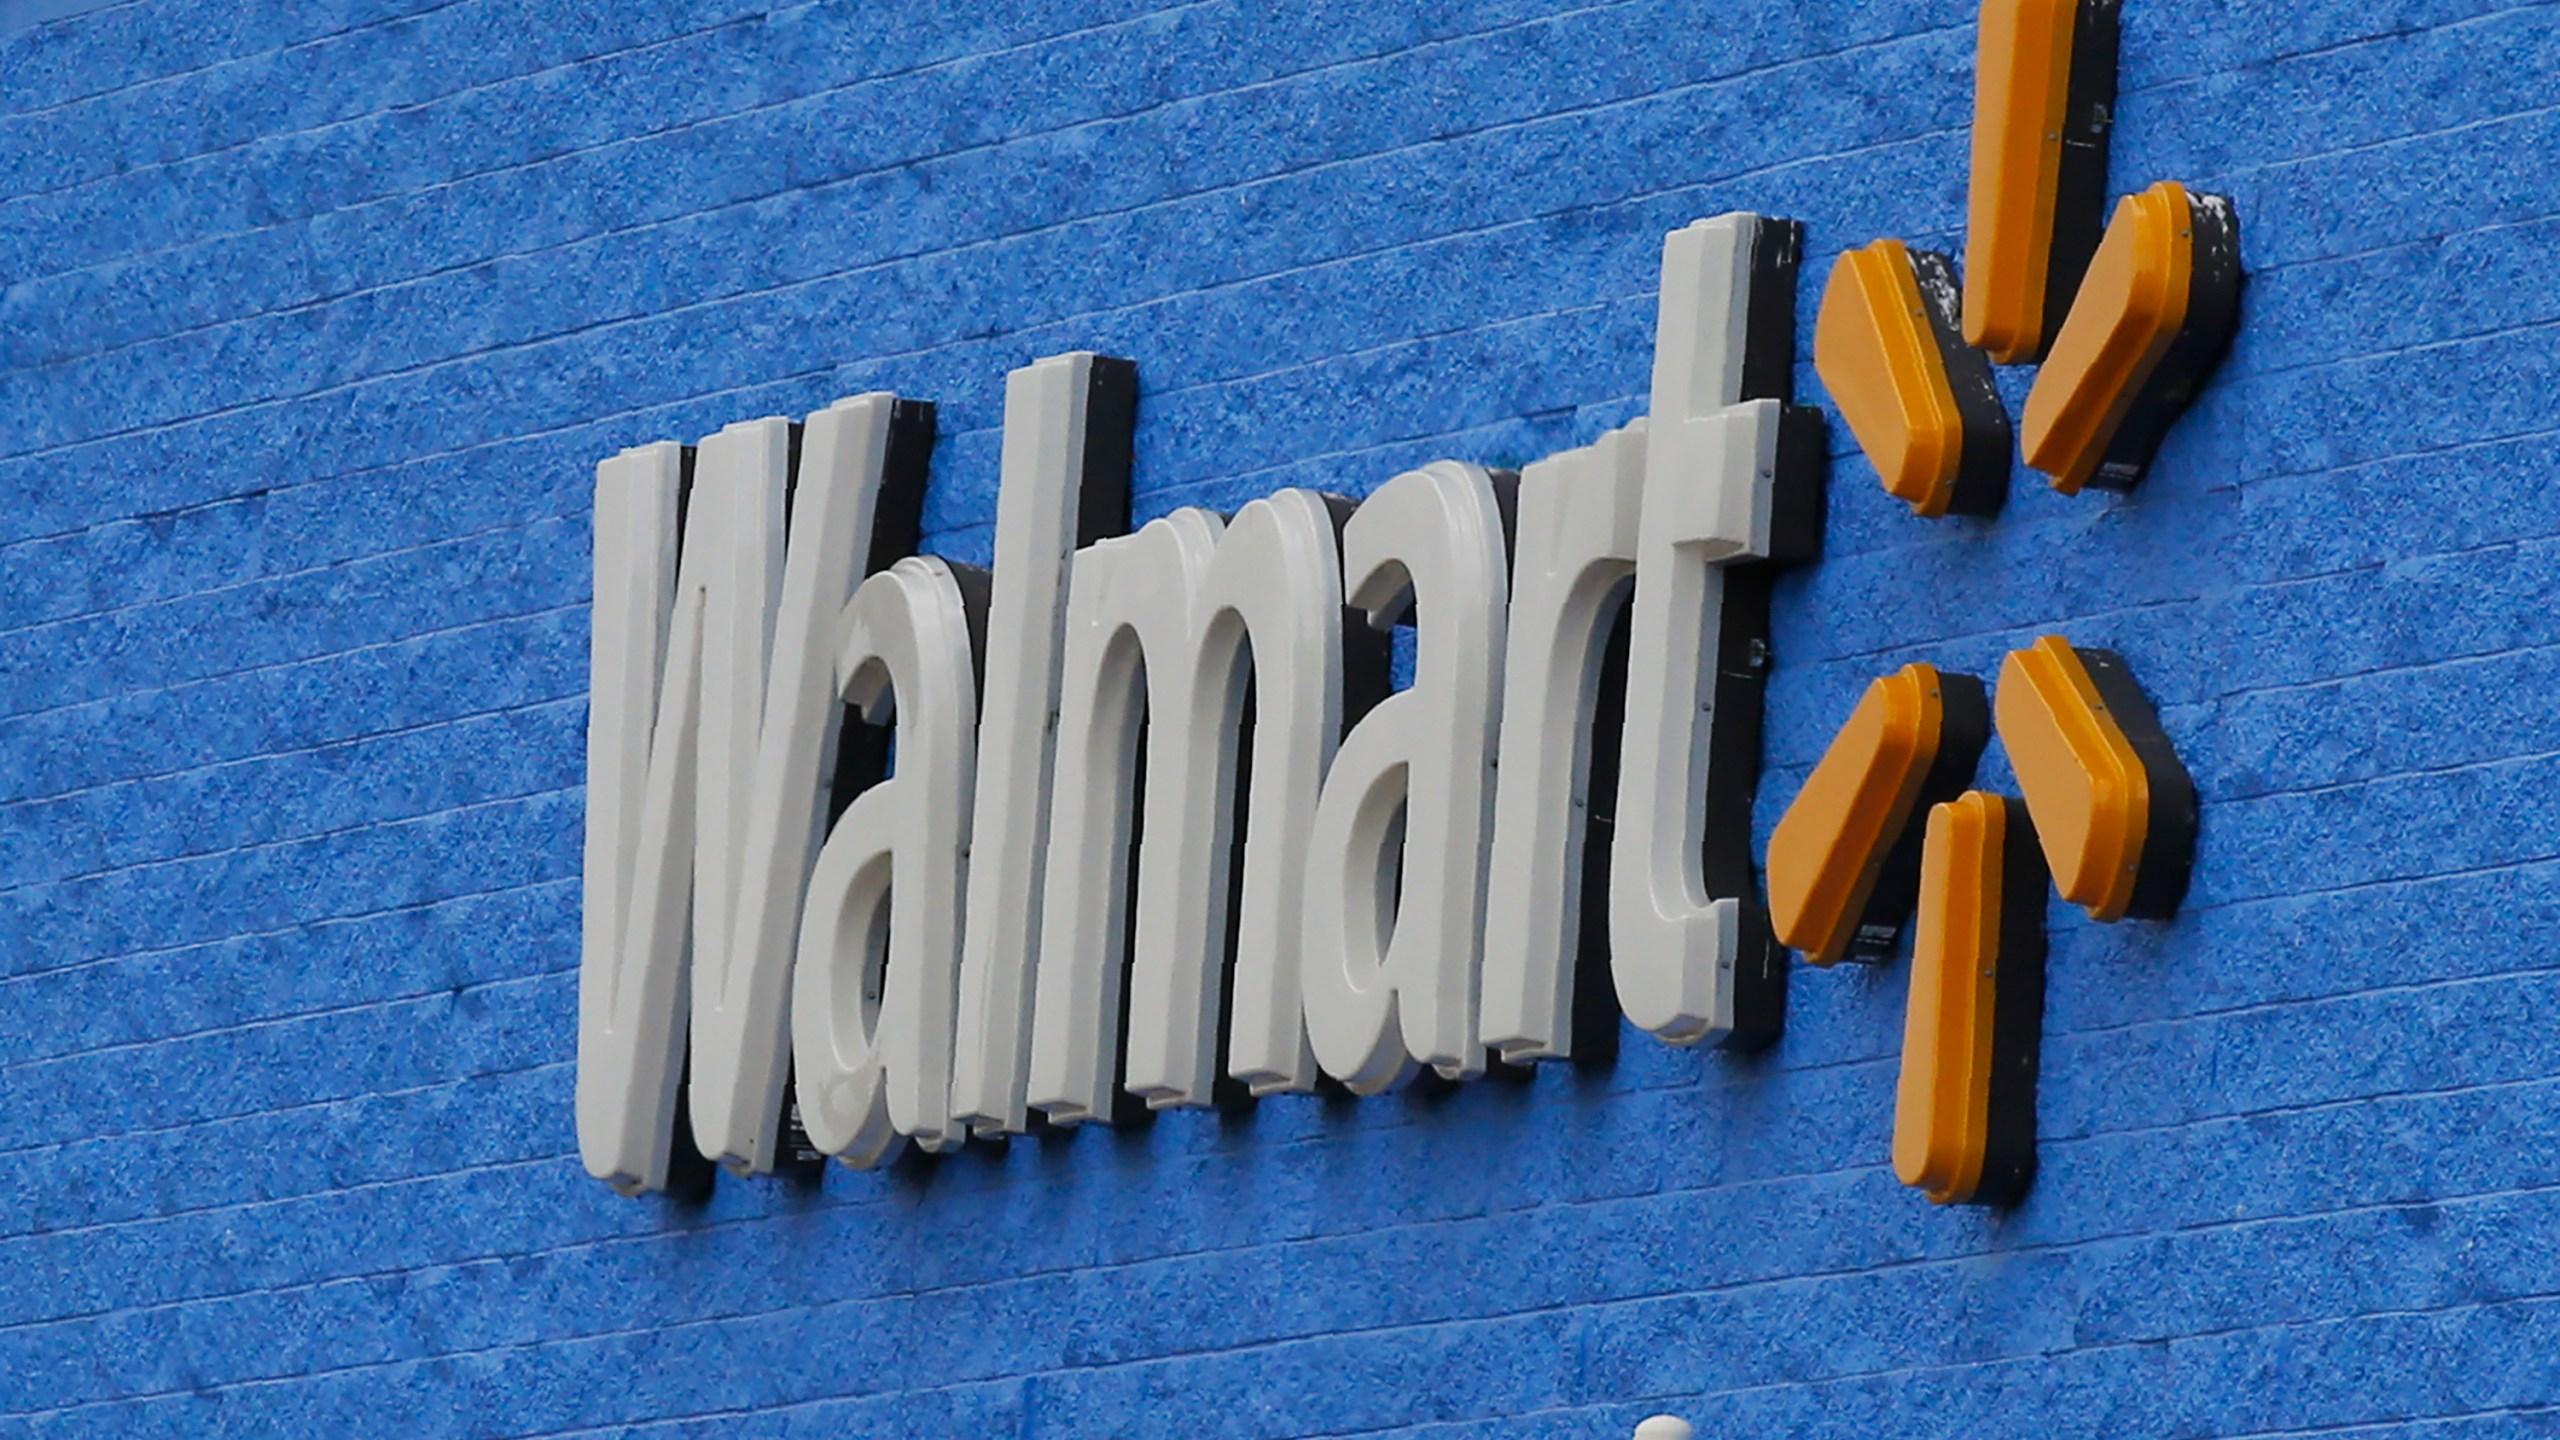 Walmart Sues Us In Pre Emptive Strike In Opioid Abuse Battle Kget 17